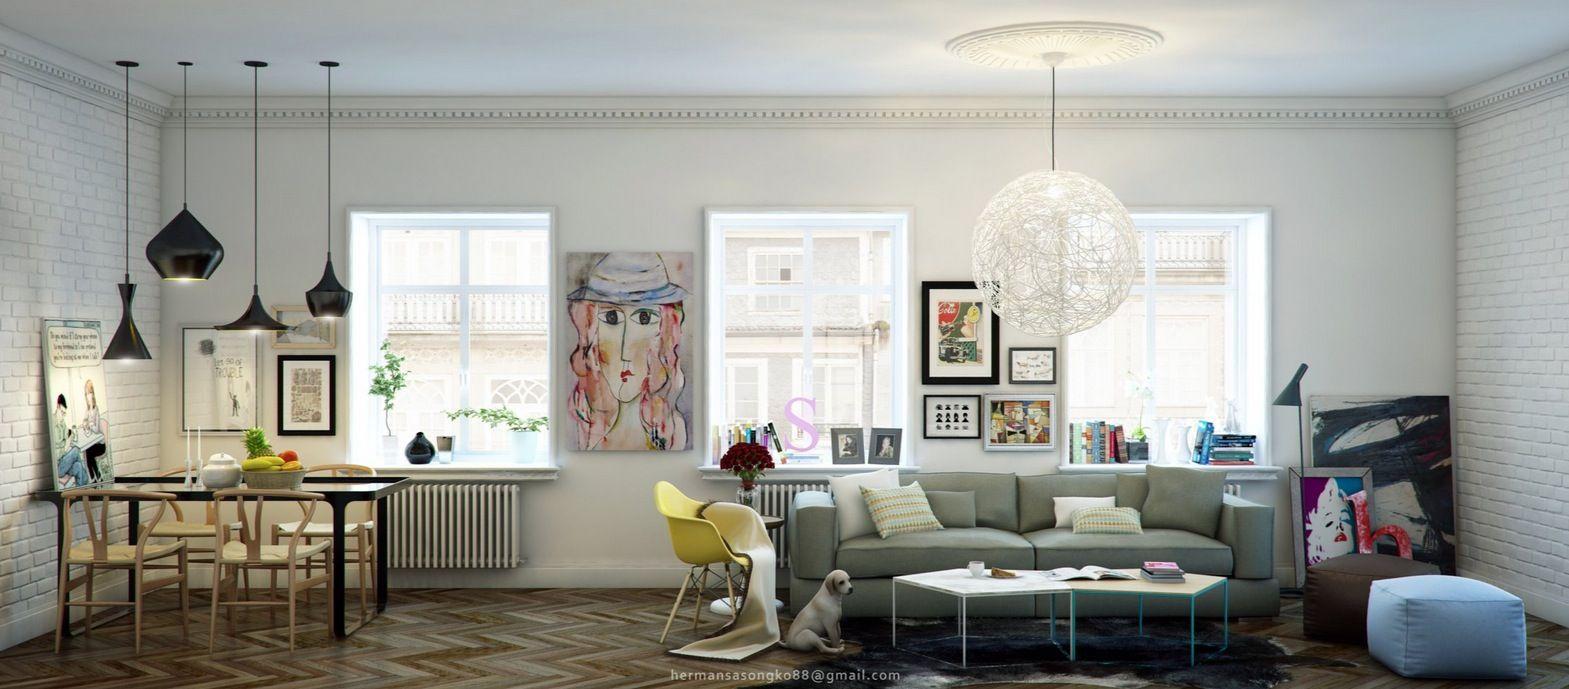 Living room diner - white bicks, white walls, great pendant lights ...